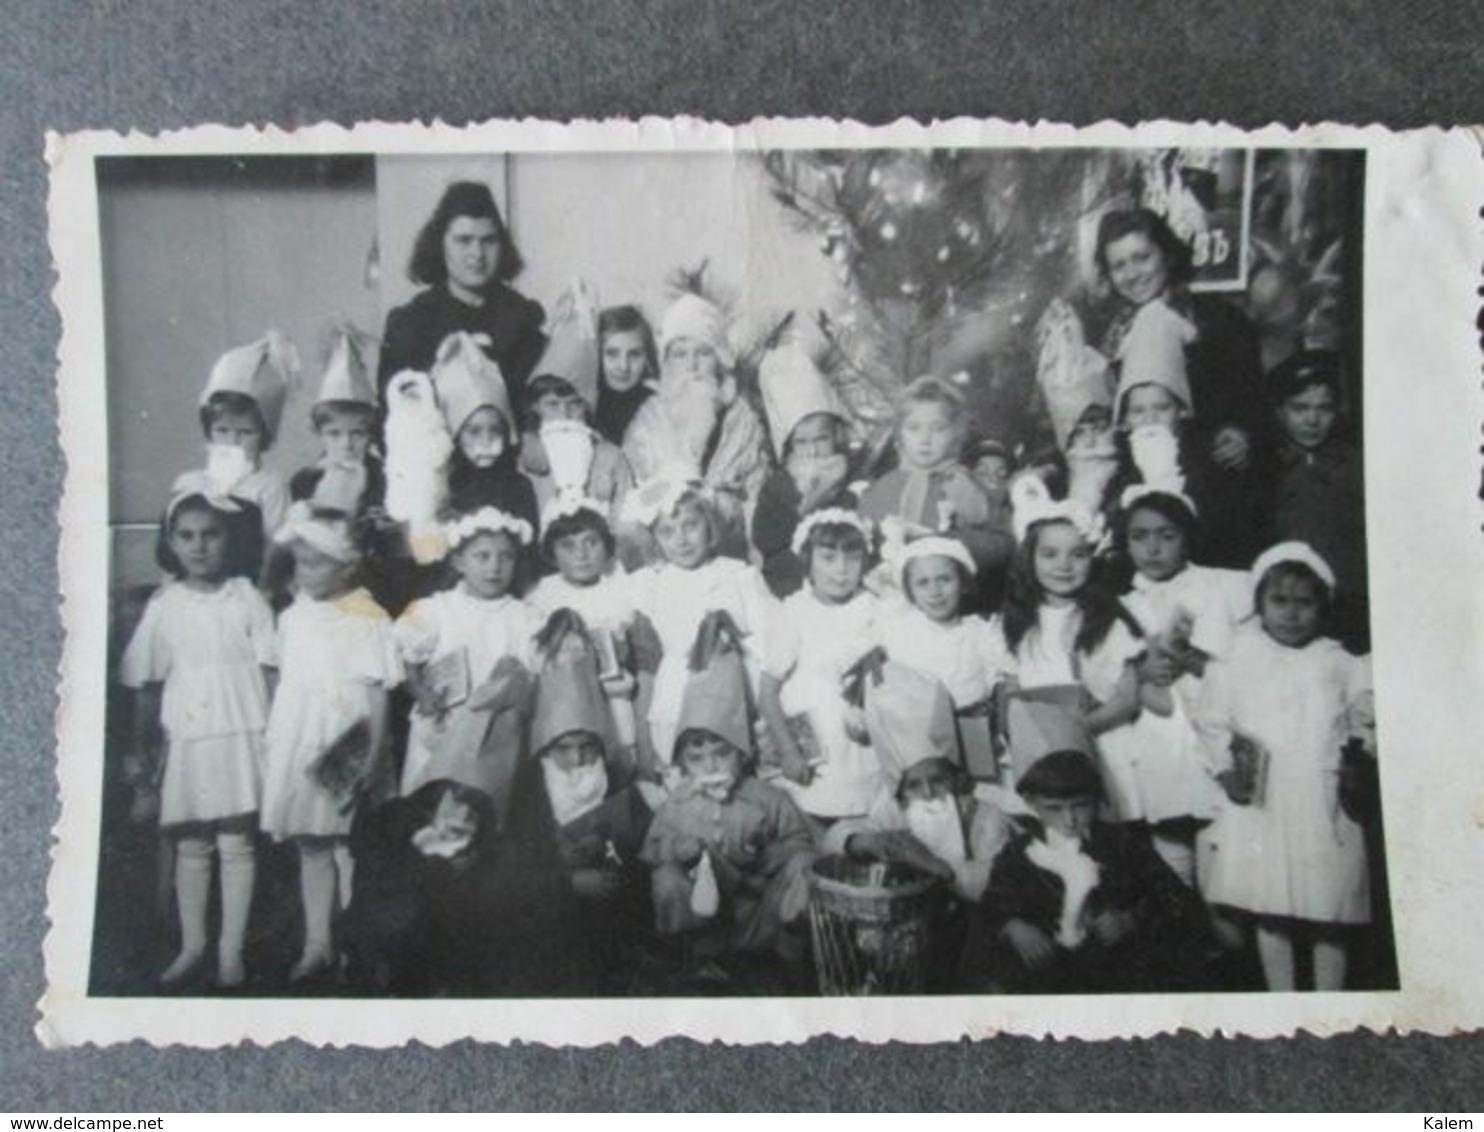 CHILDREN IN A SCHOOL CLASS IN MACEDONIA, ENFANTS DANS UNE CLASSE SCOLAIRE EN MACÉDOINE, ORIGINAL PHOTO - Personnes Anonymes